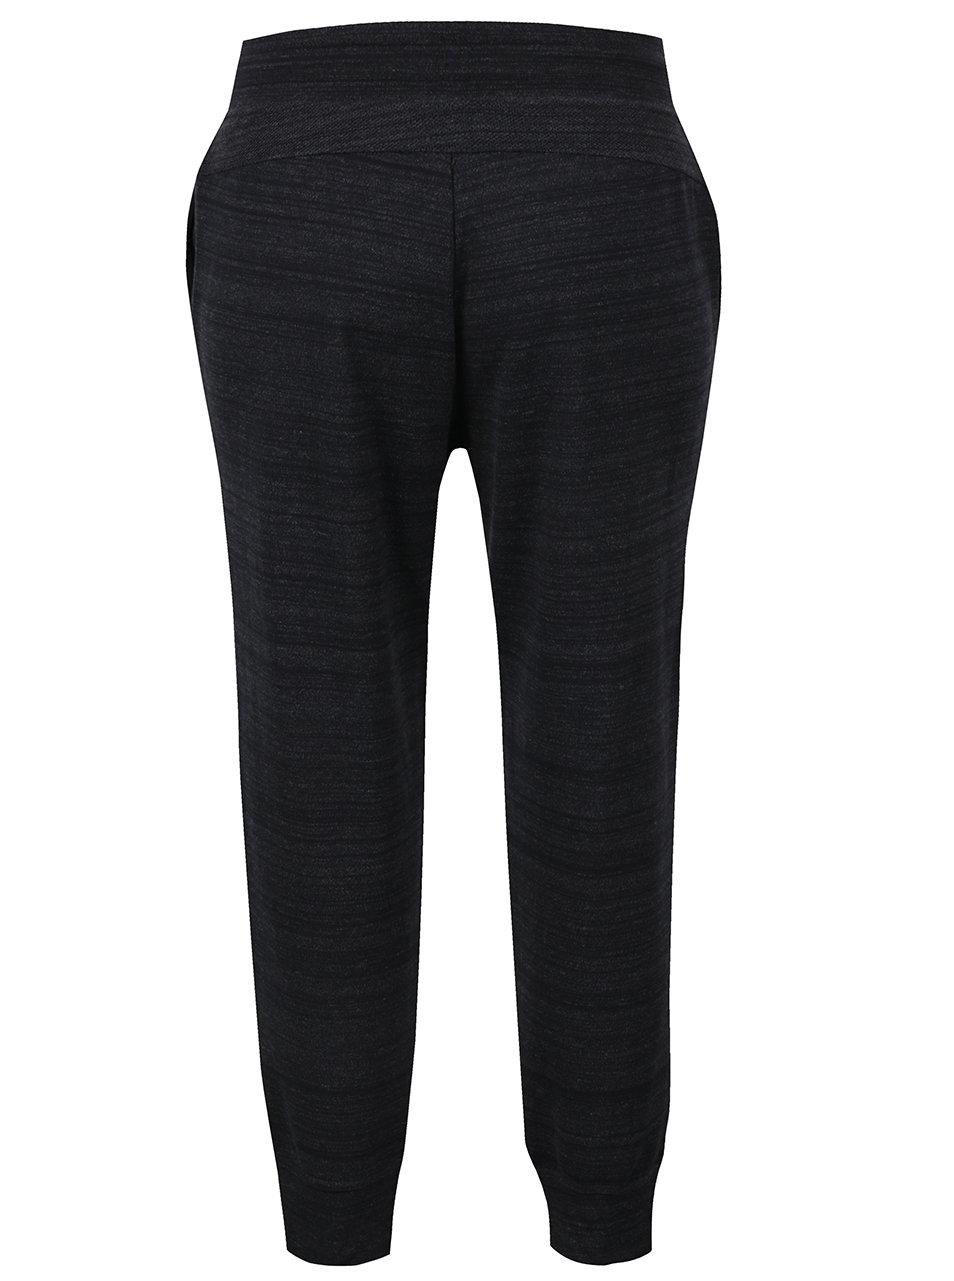 7e89bceef52b Čierne dámske melírované tepláky Nike Sportswear Advance 15 ...